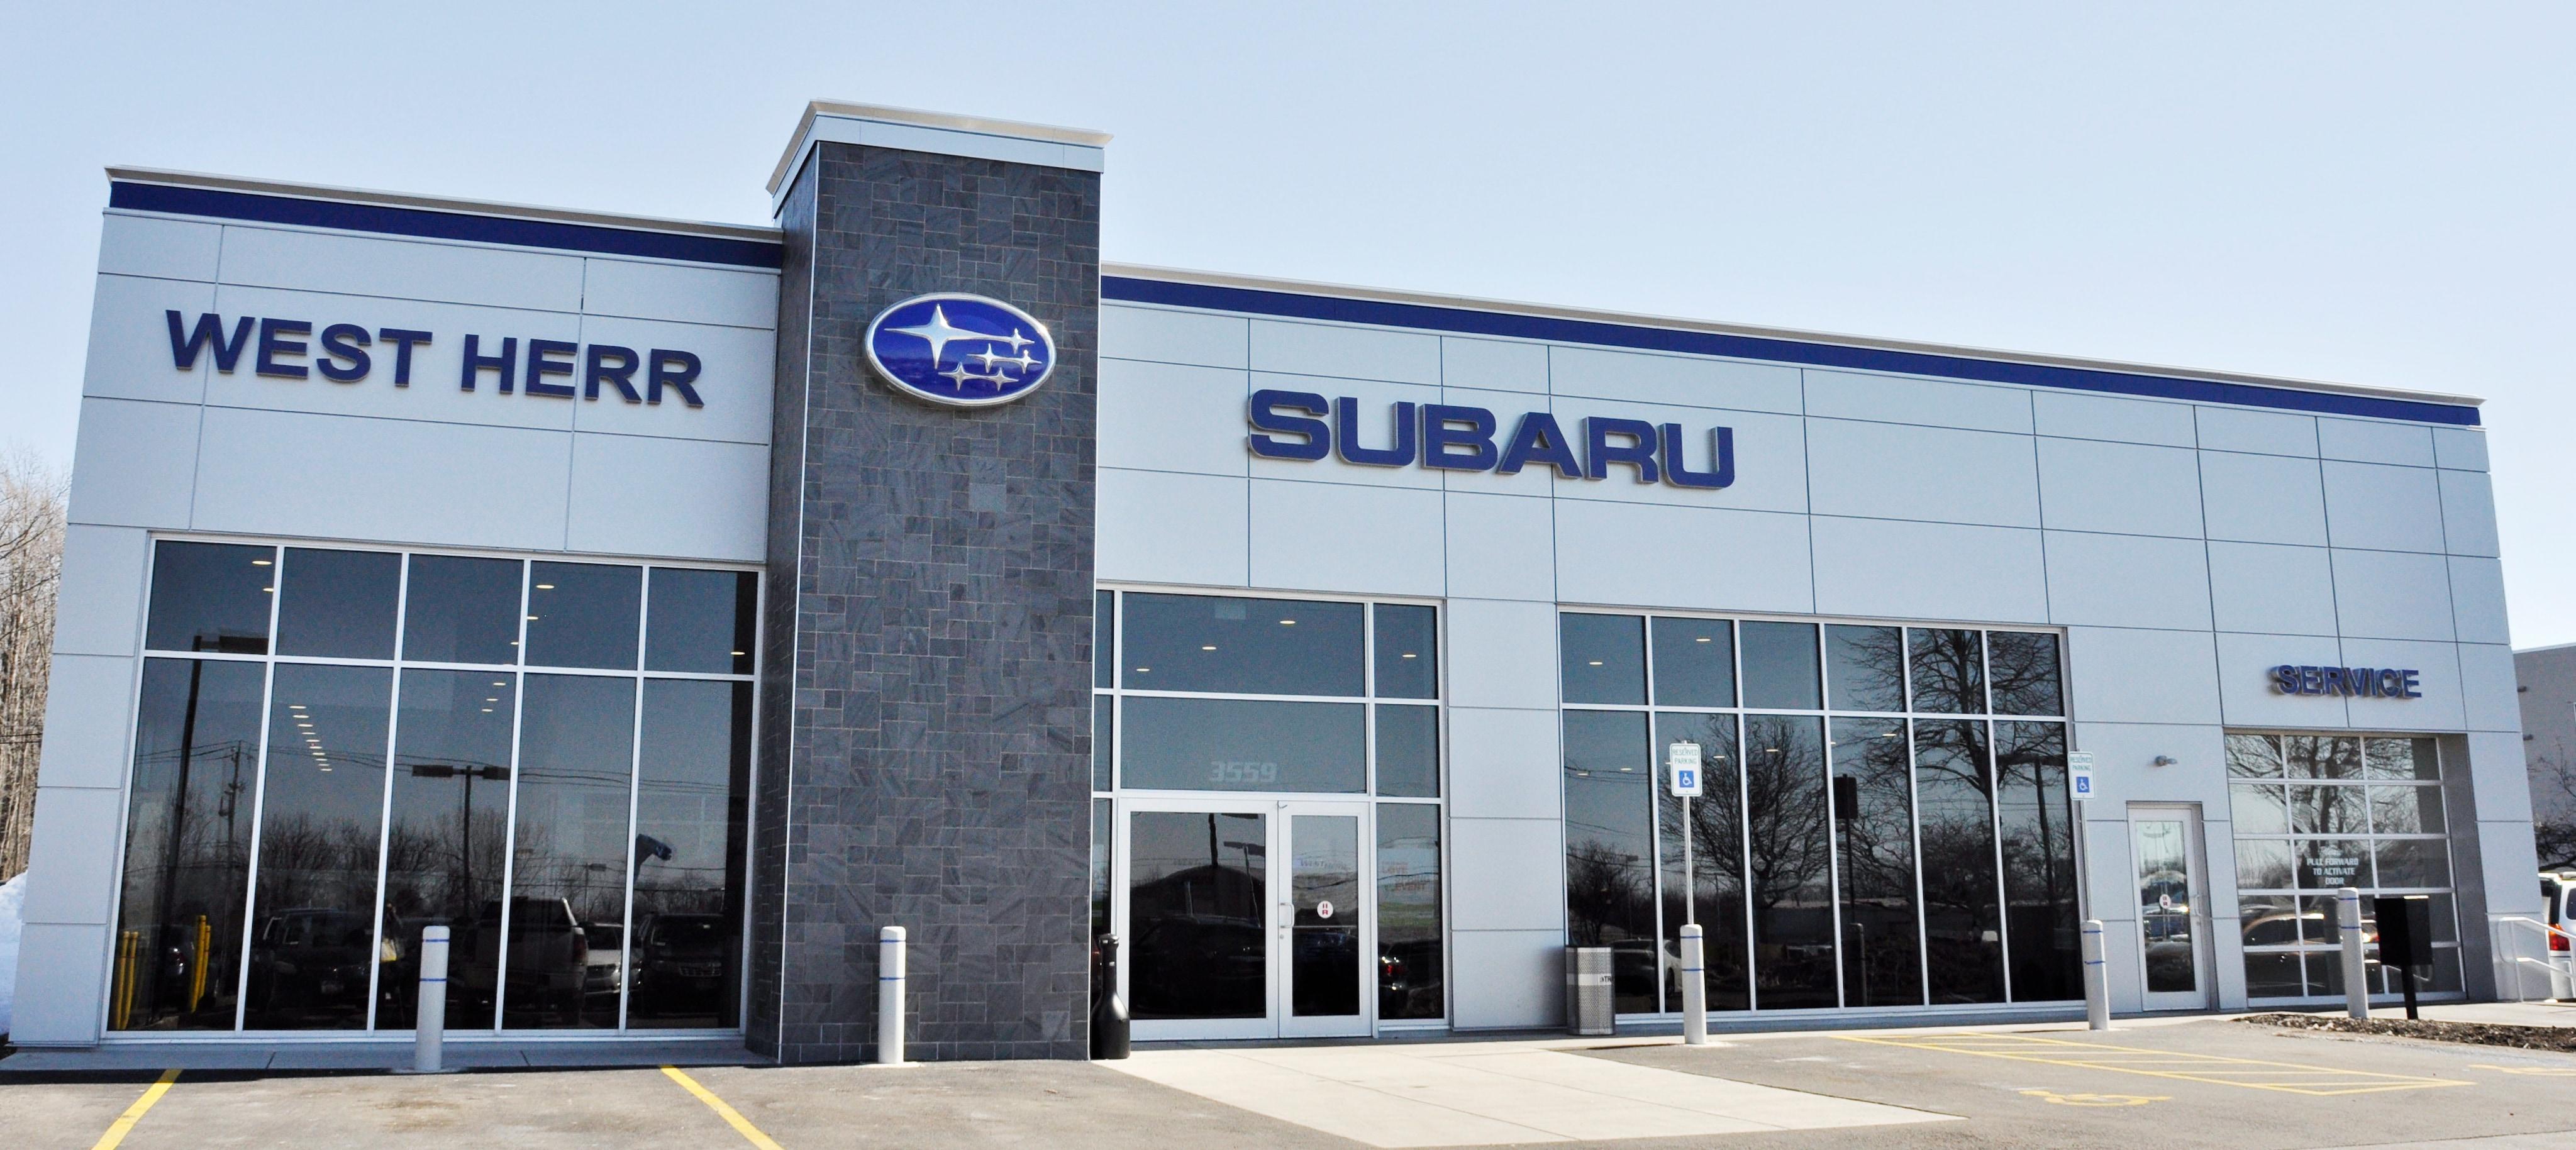 West Herr Subaru >> Buy Or Lease Options At West Herr Subaru Serving Orchard